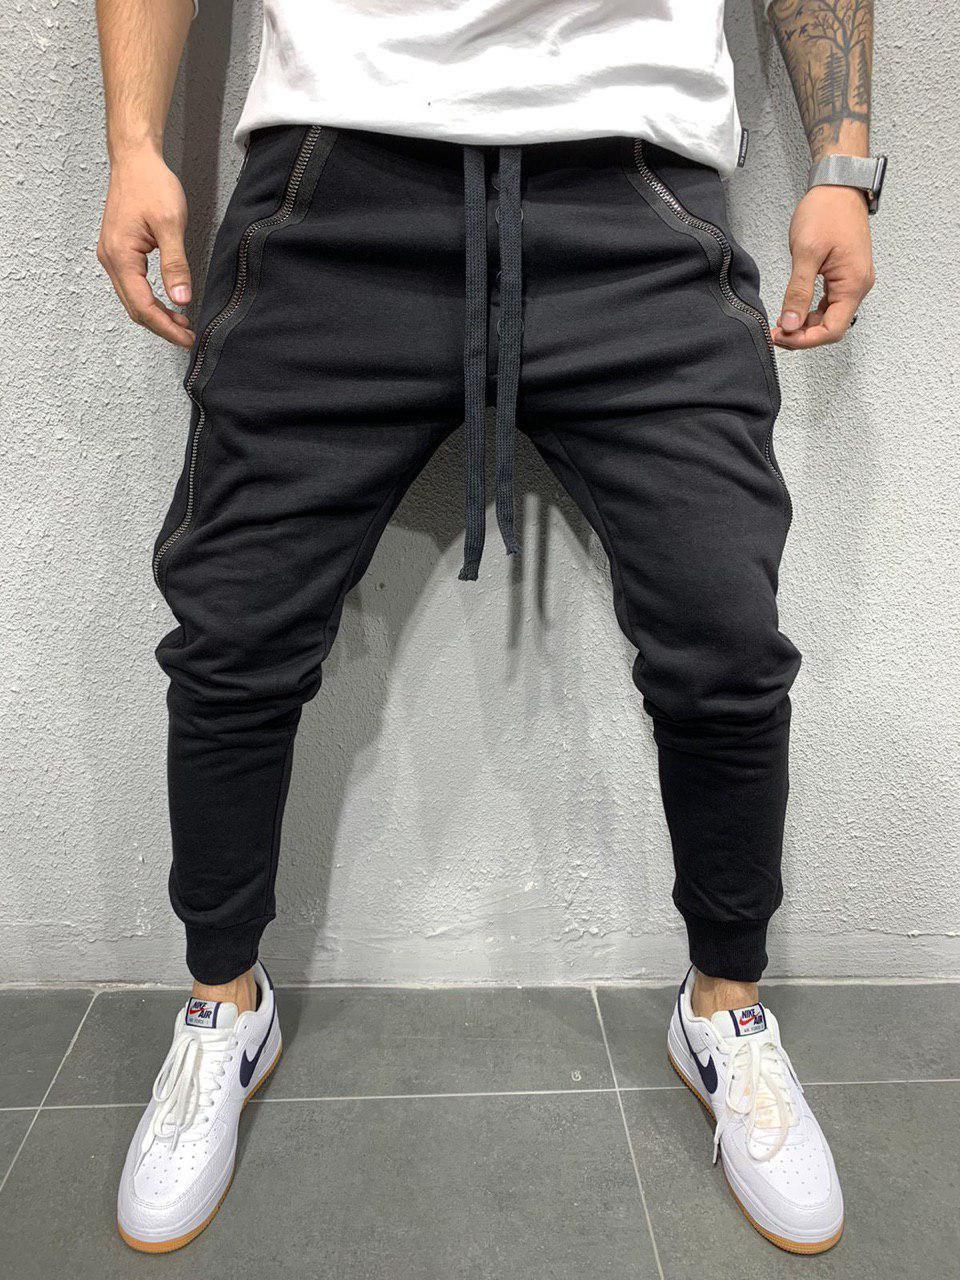 Спортивні штани чоловічі стильні чорні, завужені молодіжні хайповые